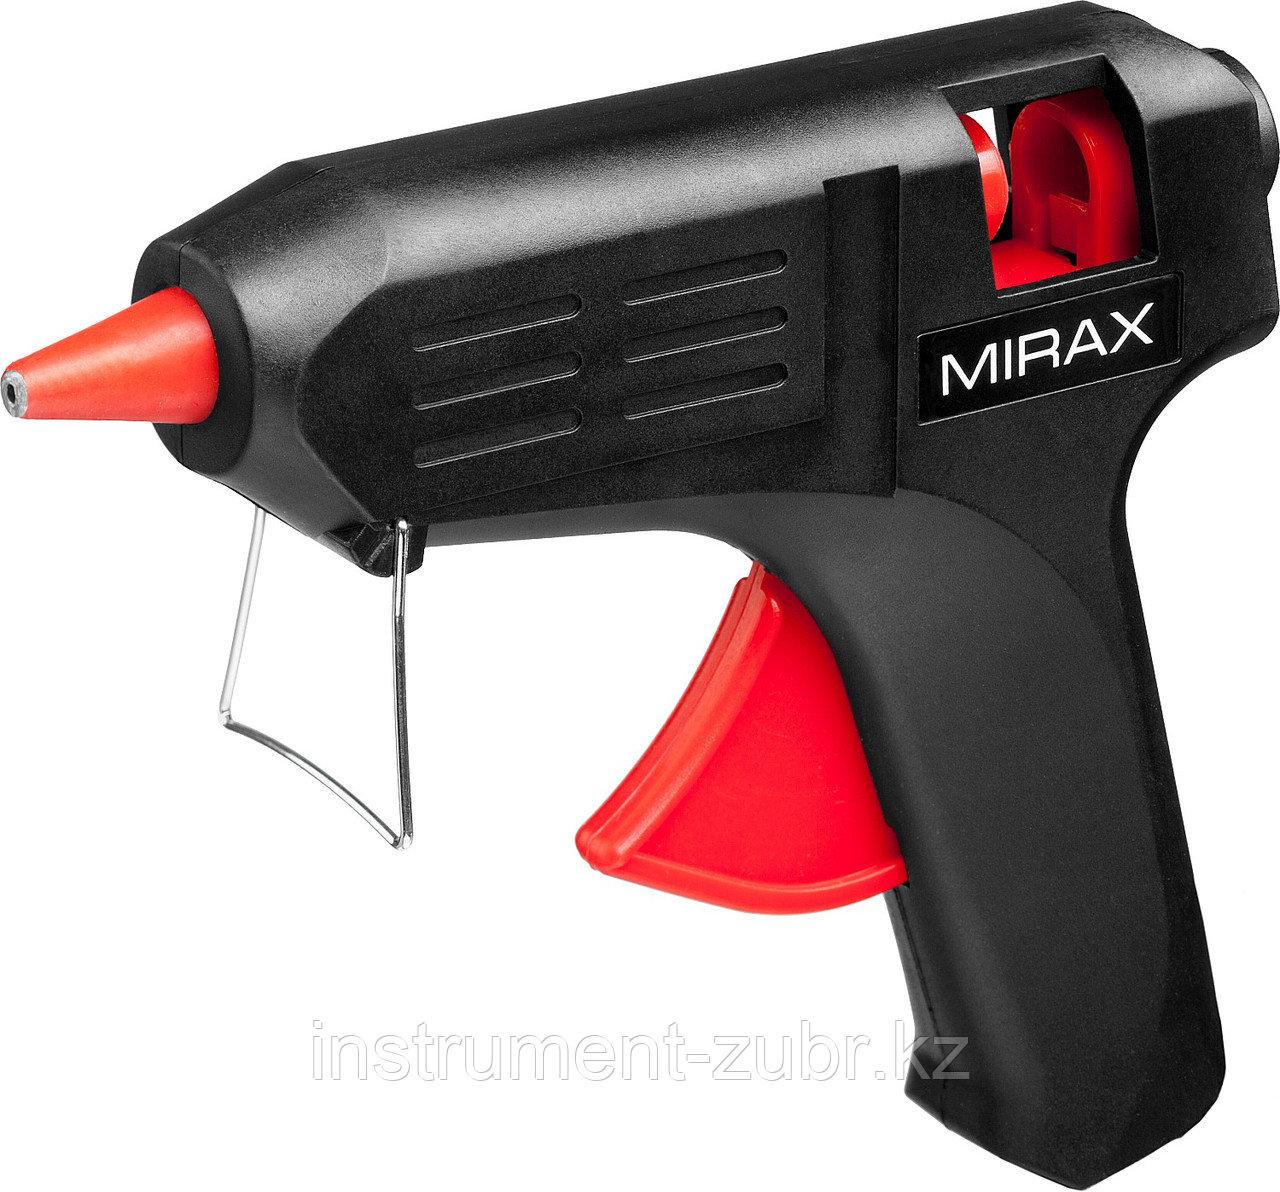 Пистолет клеевой (термоклеящий) электрический MIRAX, 40Вт/220В, 11мм